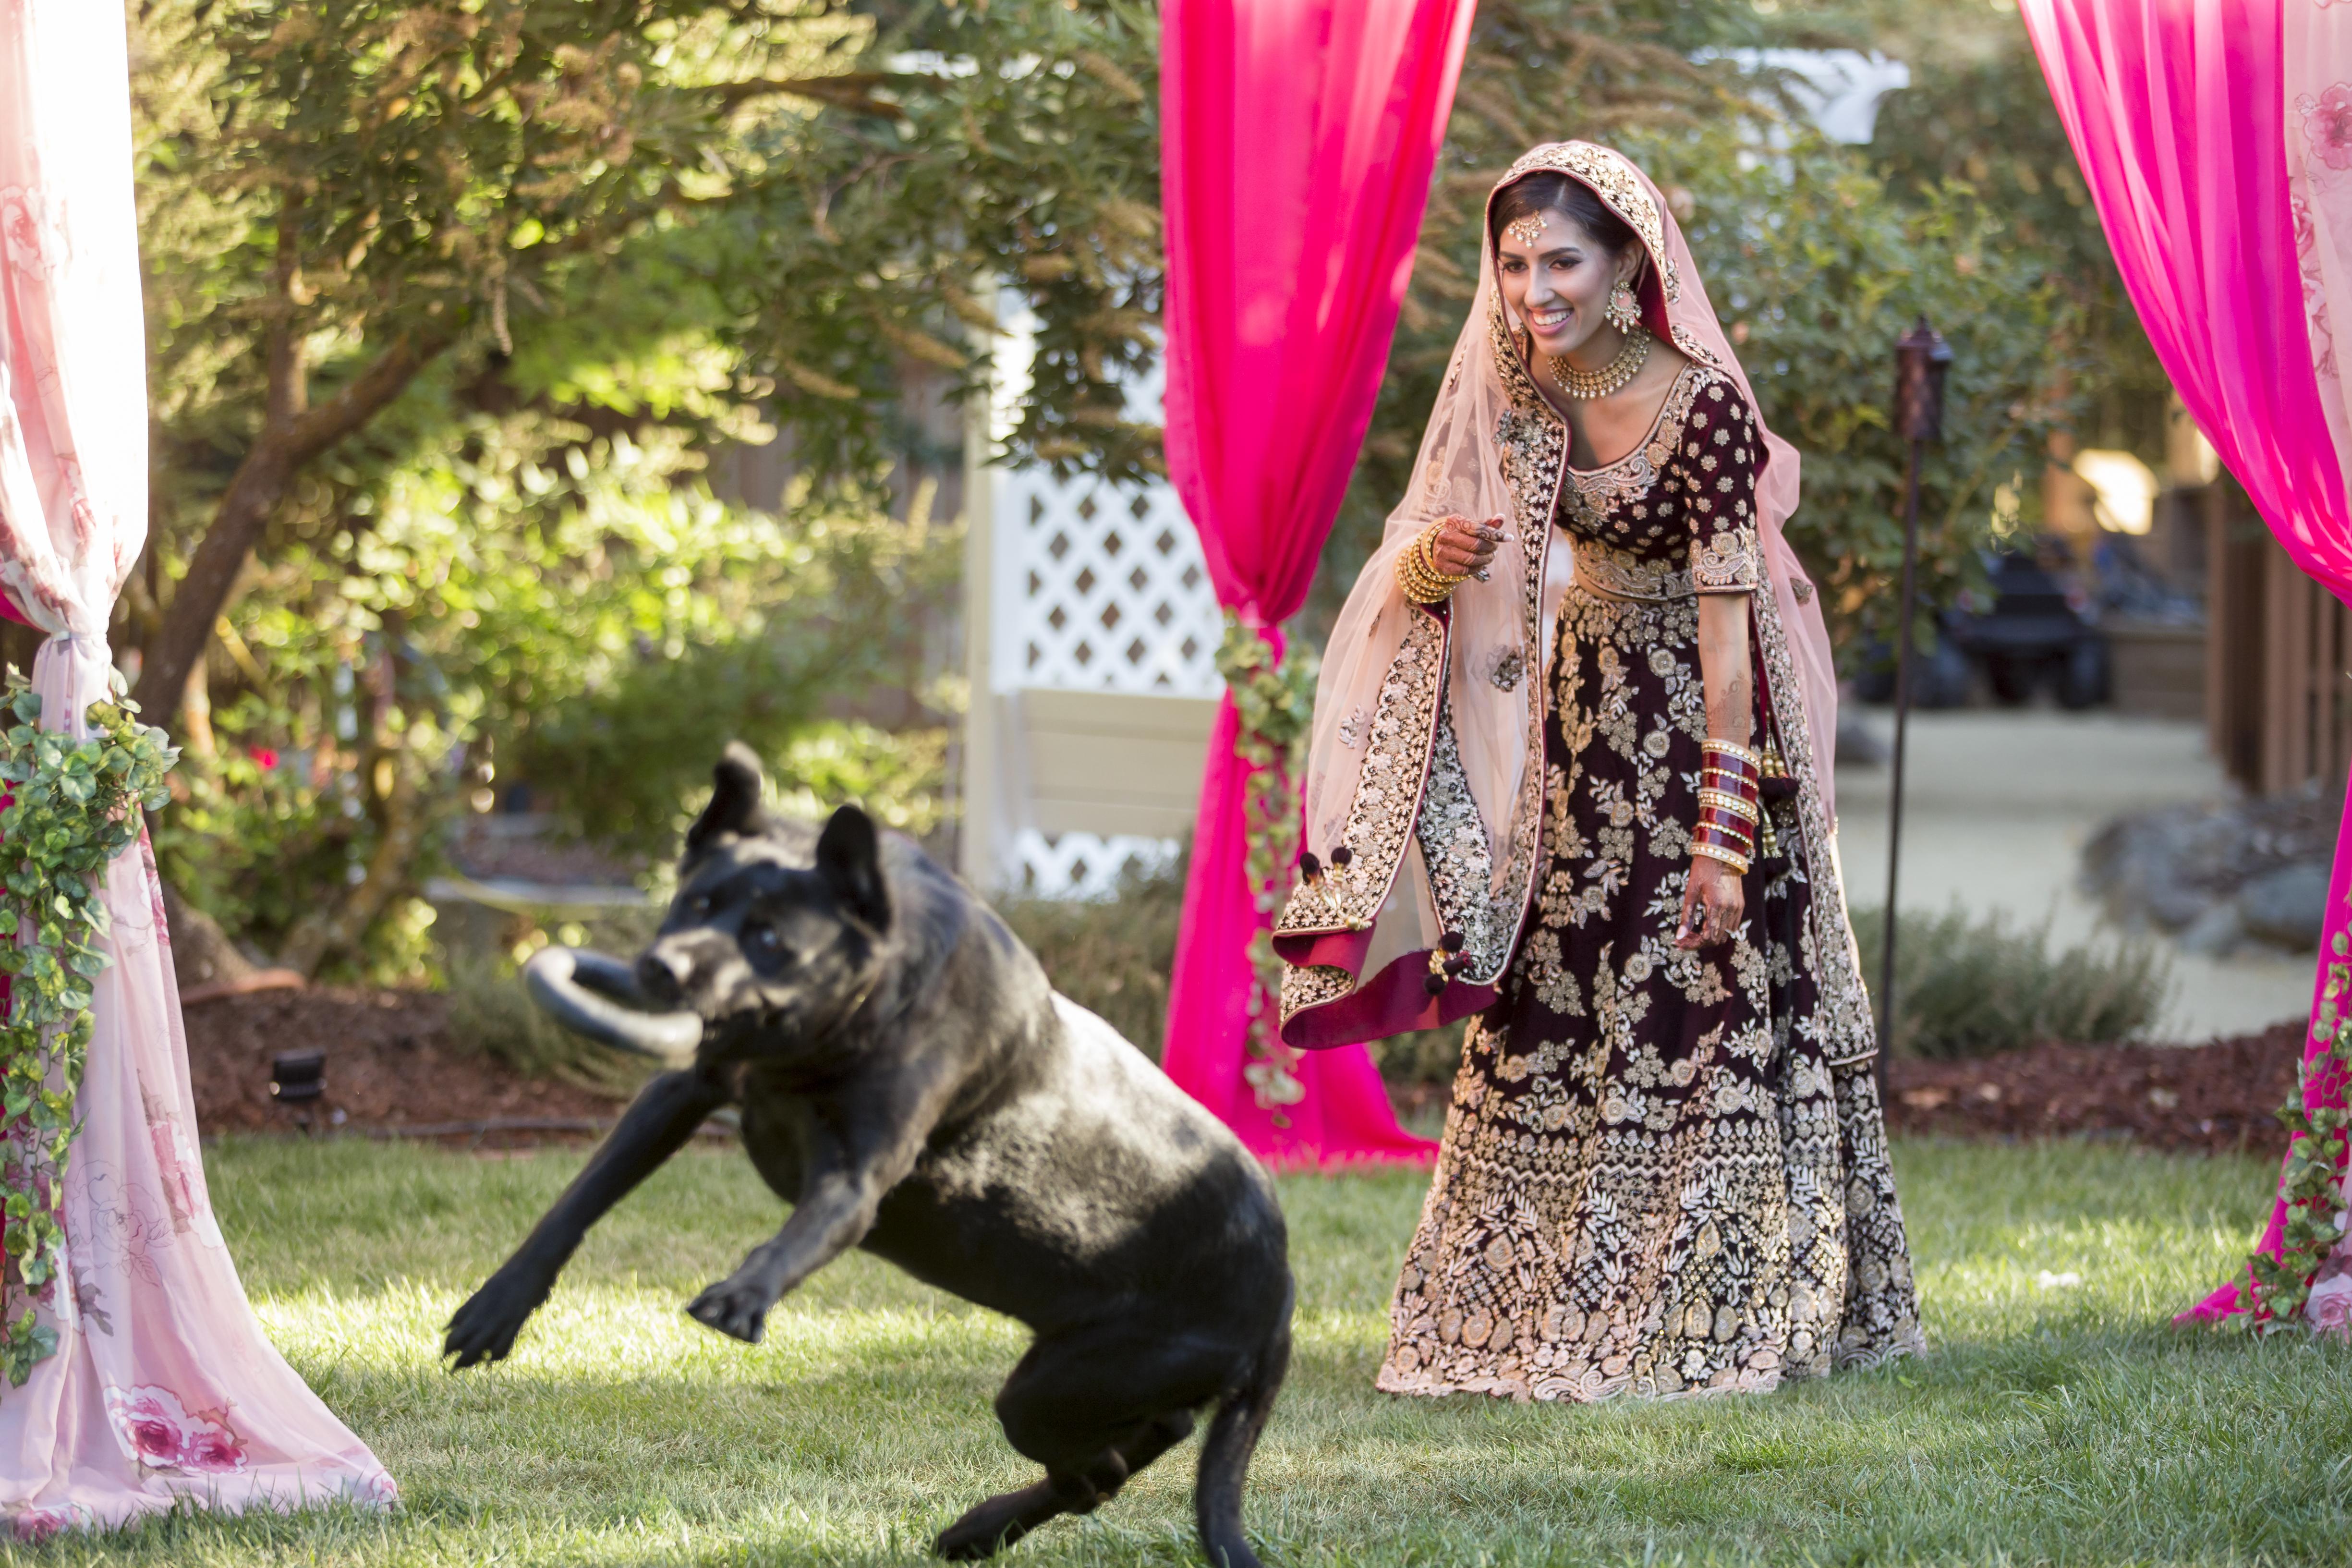 AngelAngela & Sumit - Home, Sangeet & Ceremony Decorations!a_Sumit_Wed_092